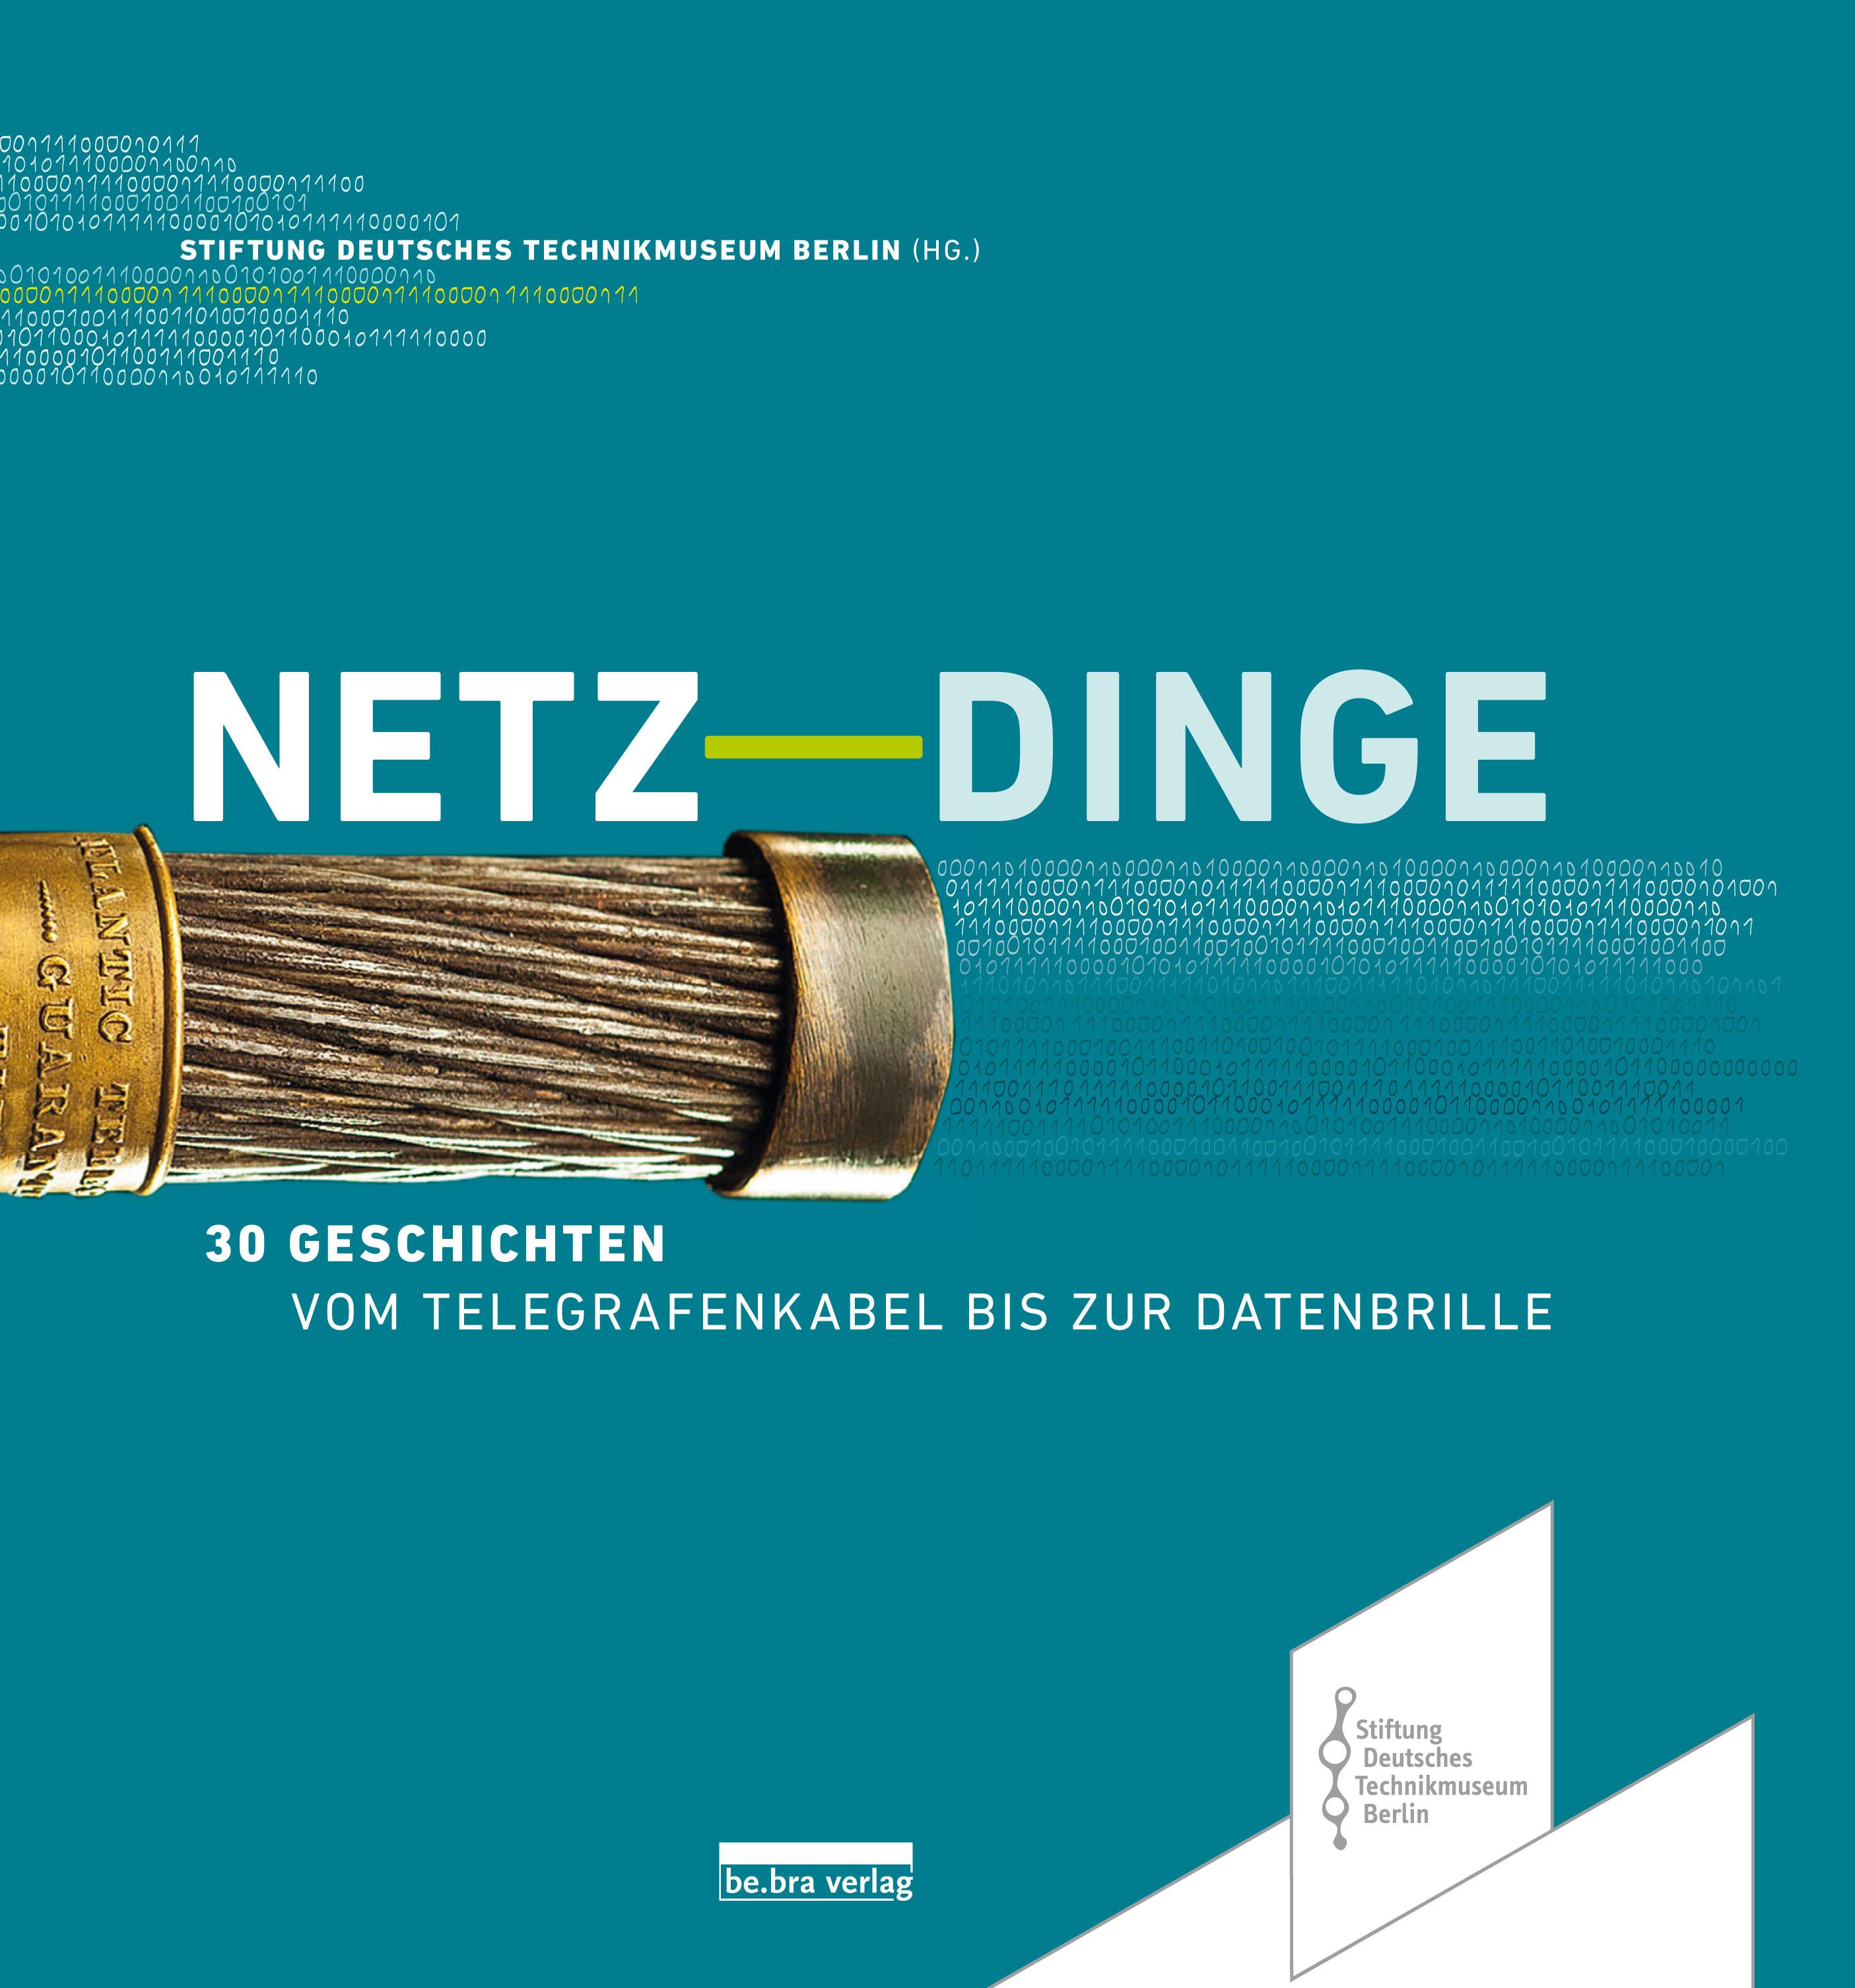 Netz-Dinge U1+U4+Klappen_RZ_deutsch.indd